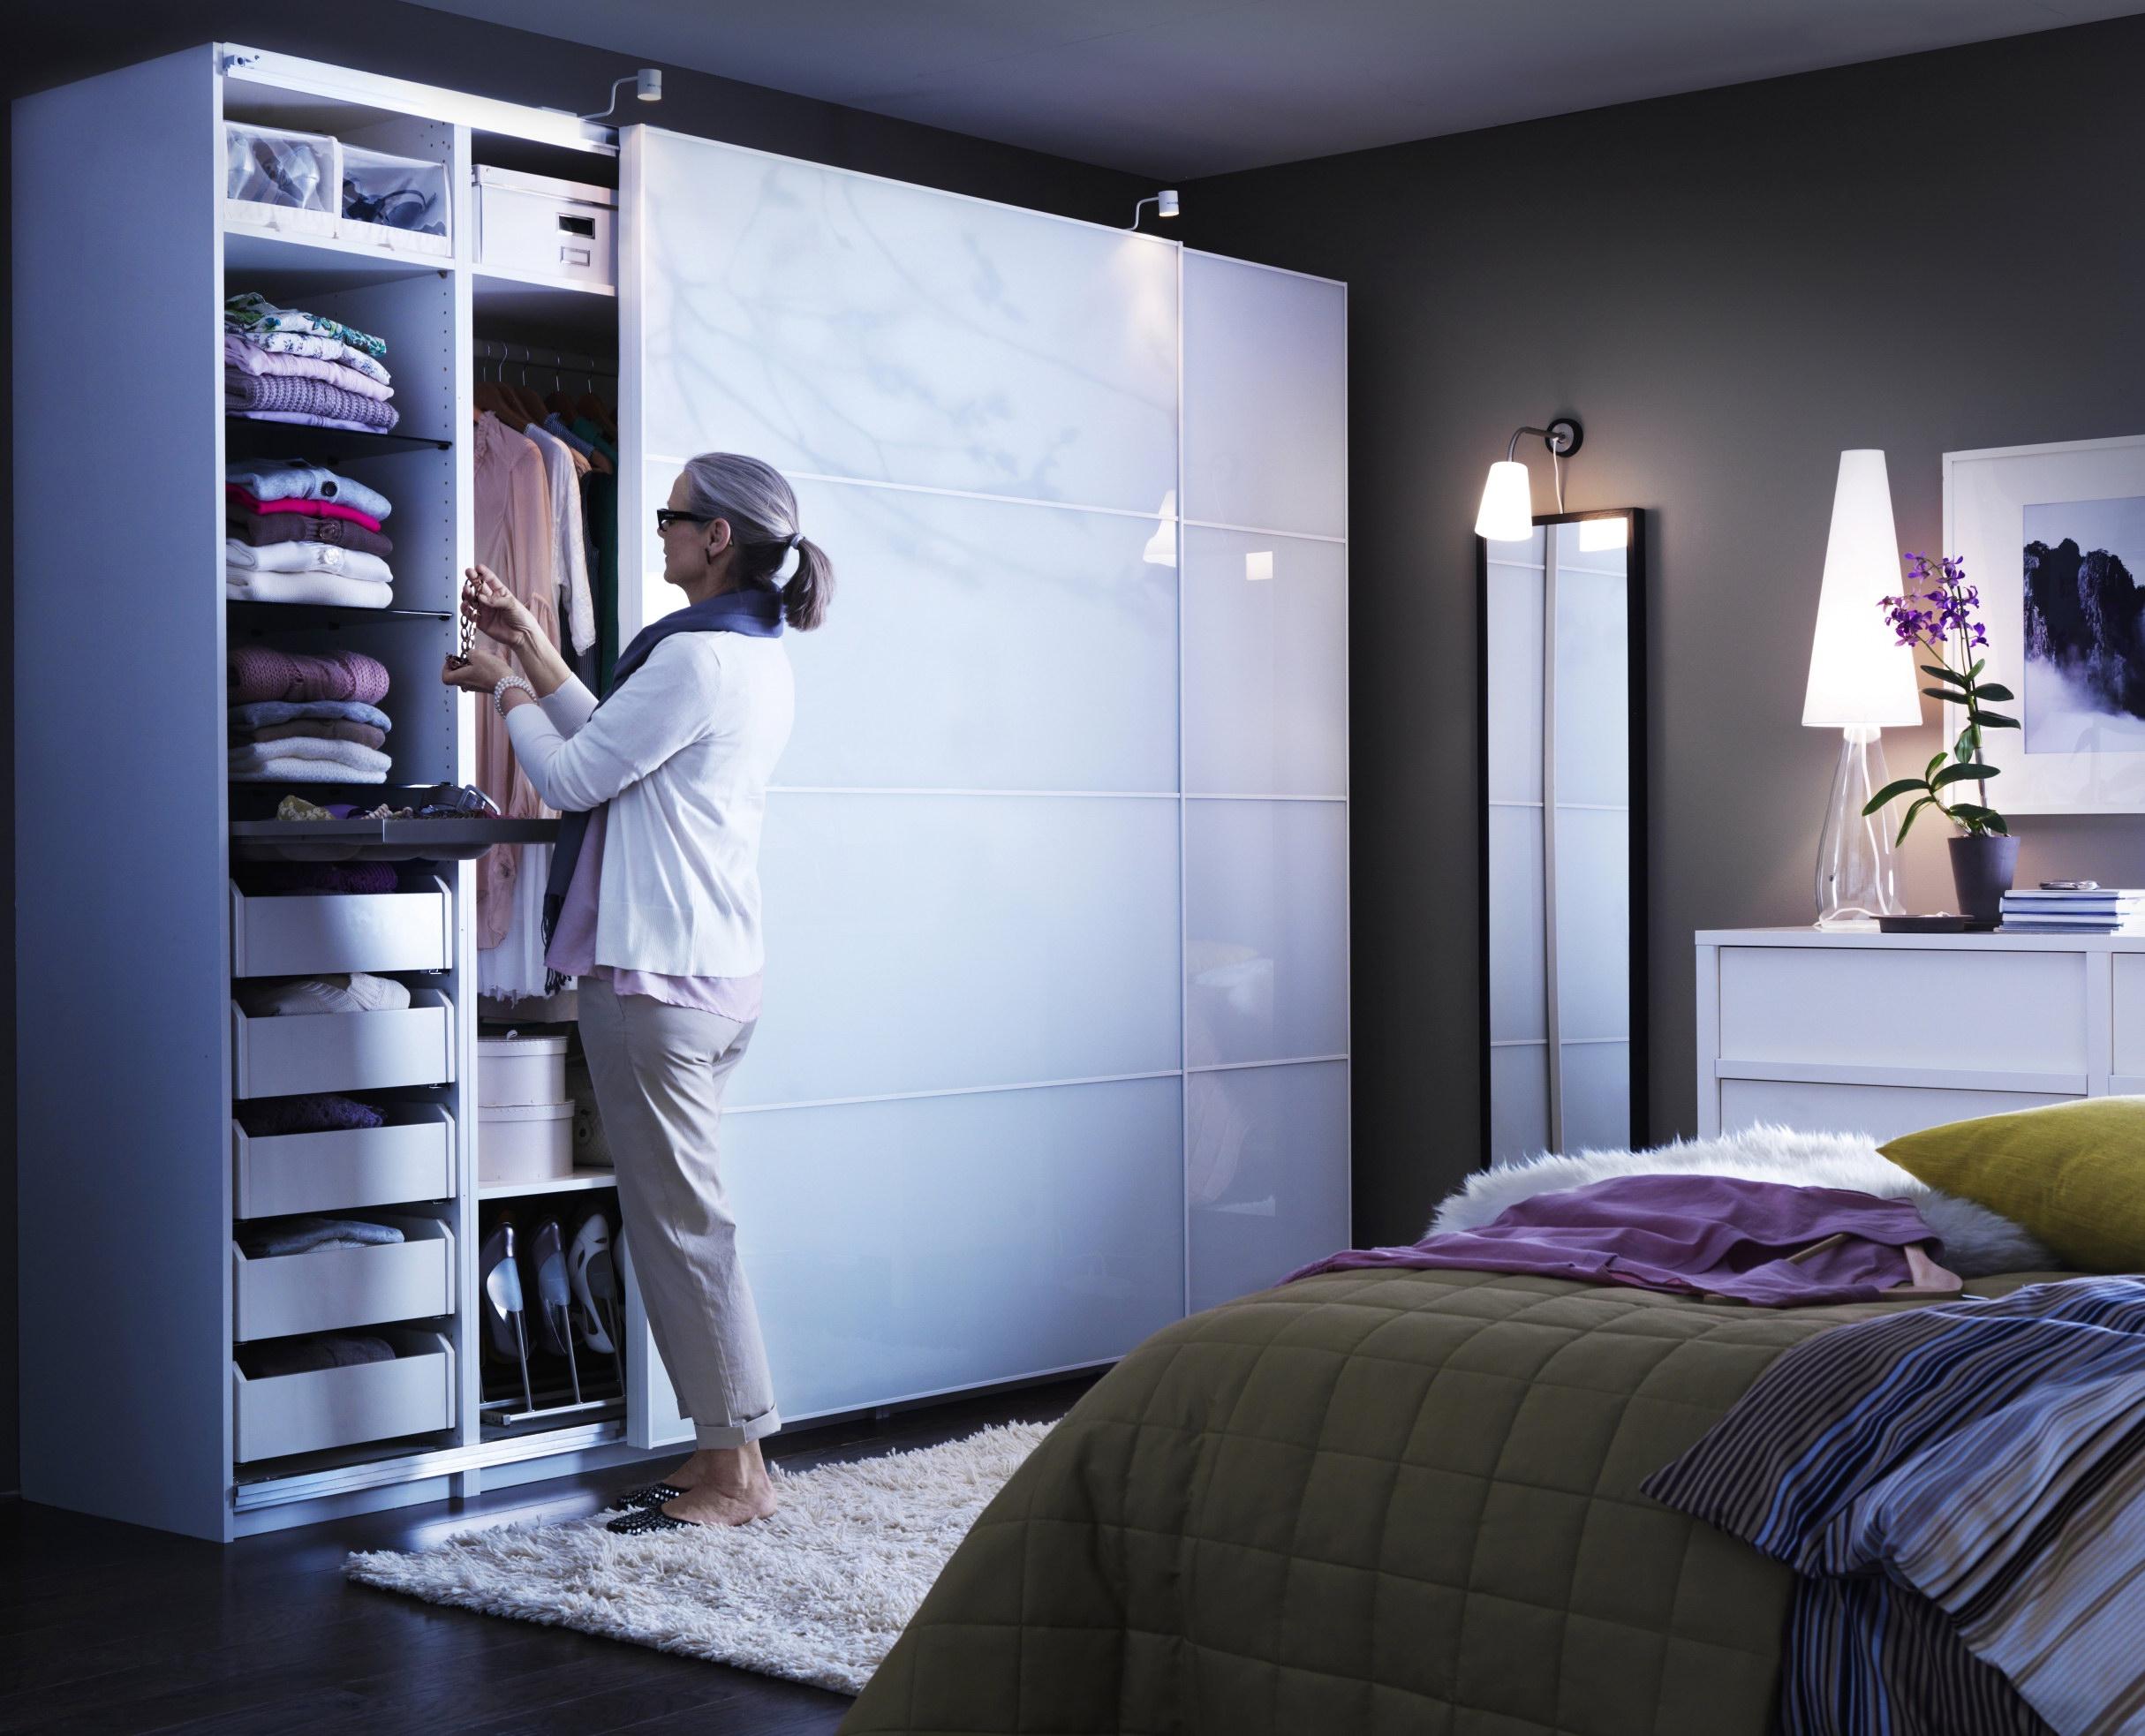 優惠價格 10年品質保證 IKEA系統衣櫃 量身訂做衣服的家